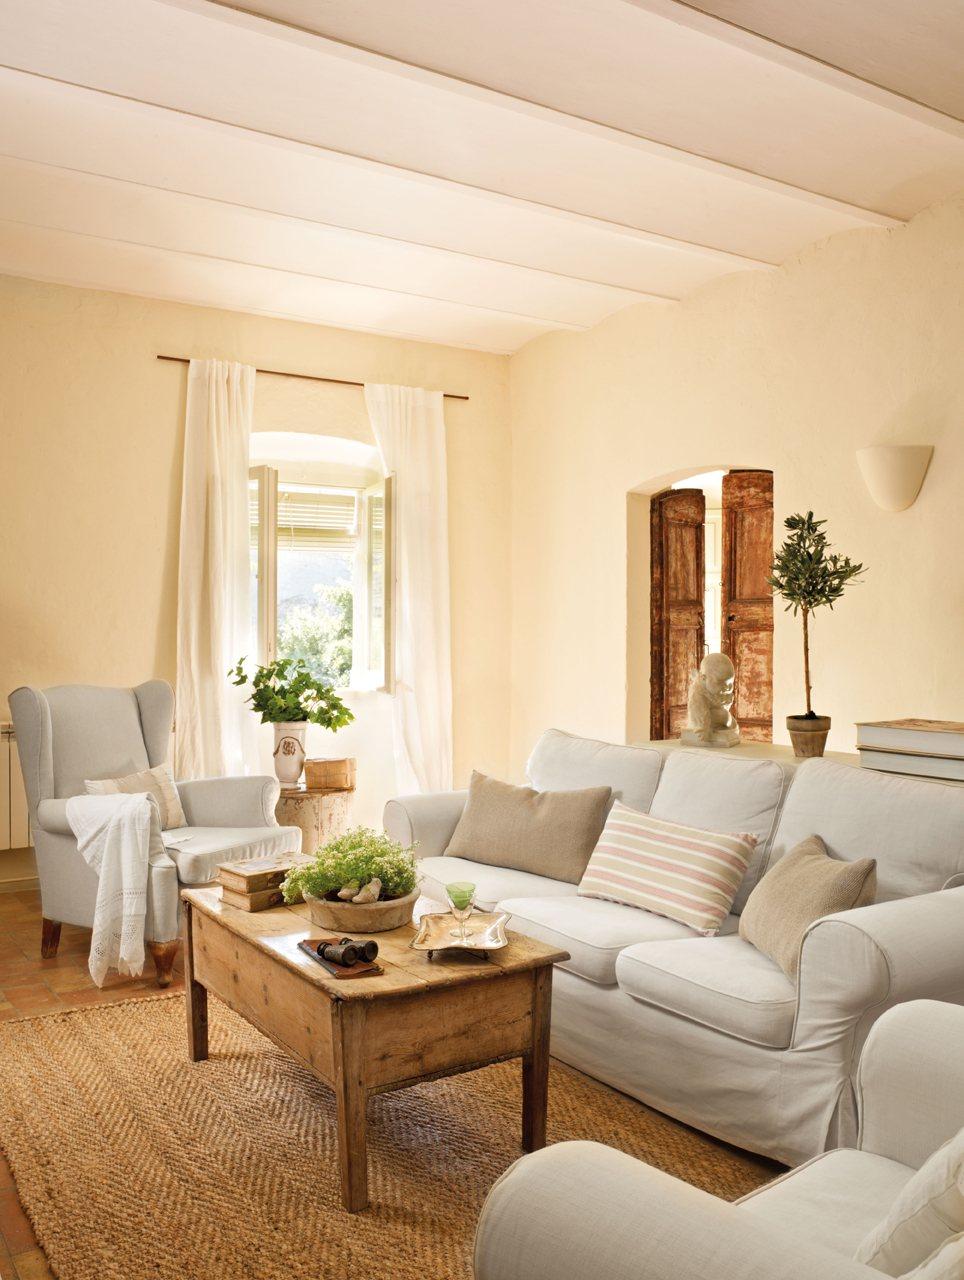 Una casita de pueblo con encanto rústico y un precioso patio